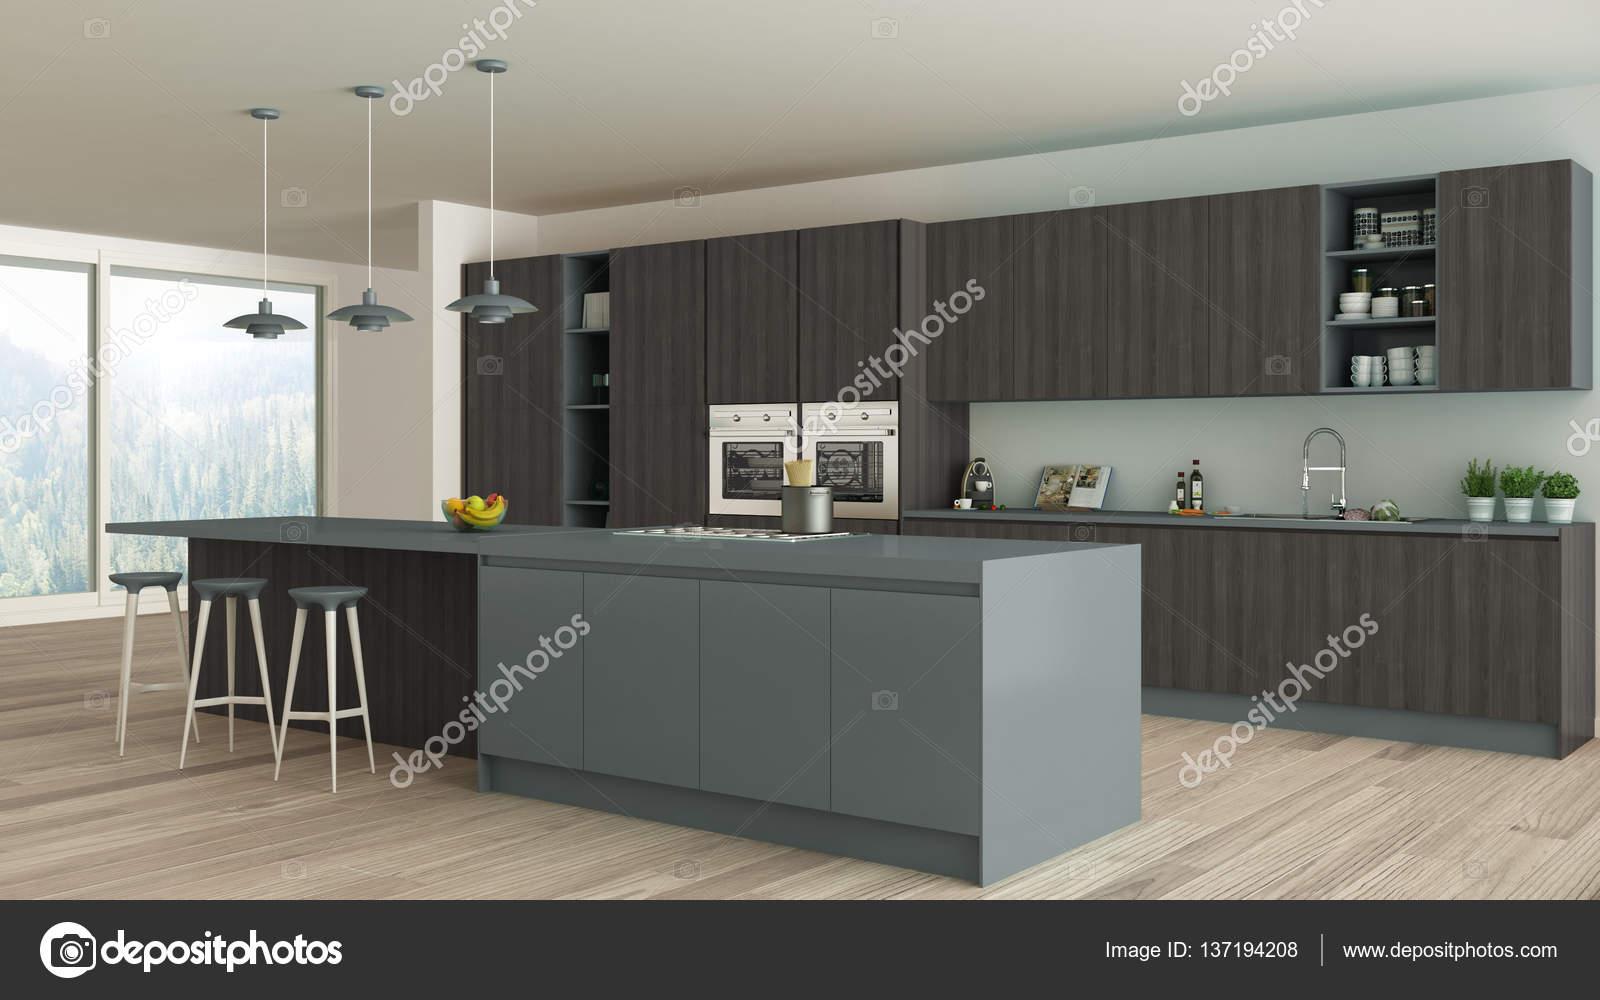 Minimalistische keuken met houten en grijze details scandinavische